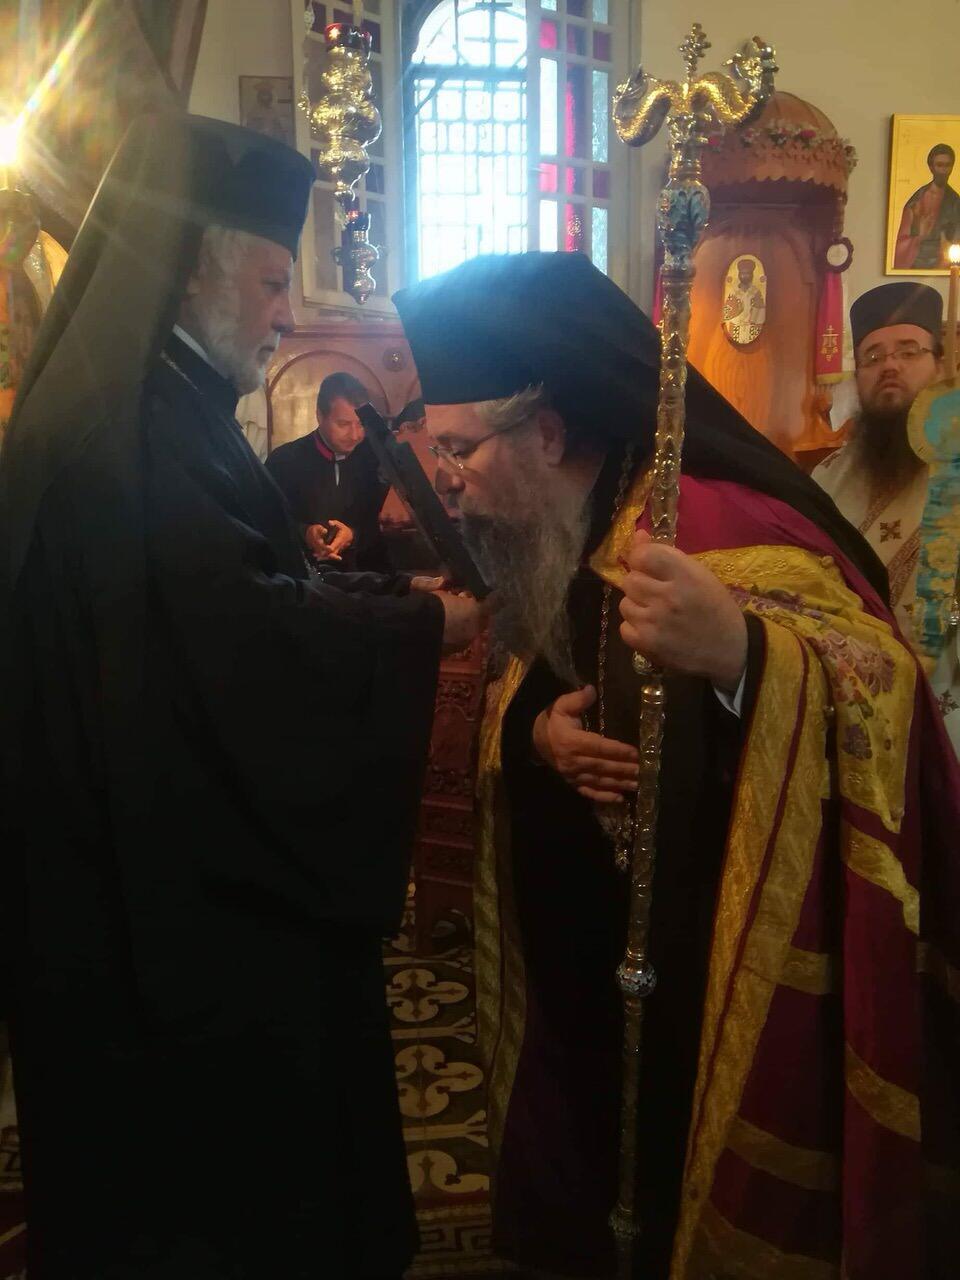 εκδηλώσεις Αγίου Νικολάου Κοινοβιακή Μονή Ιρά Αθανίου